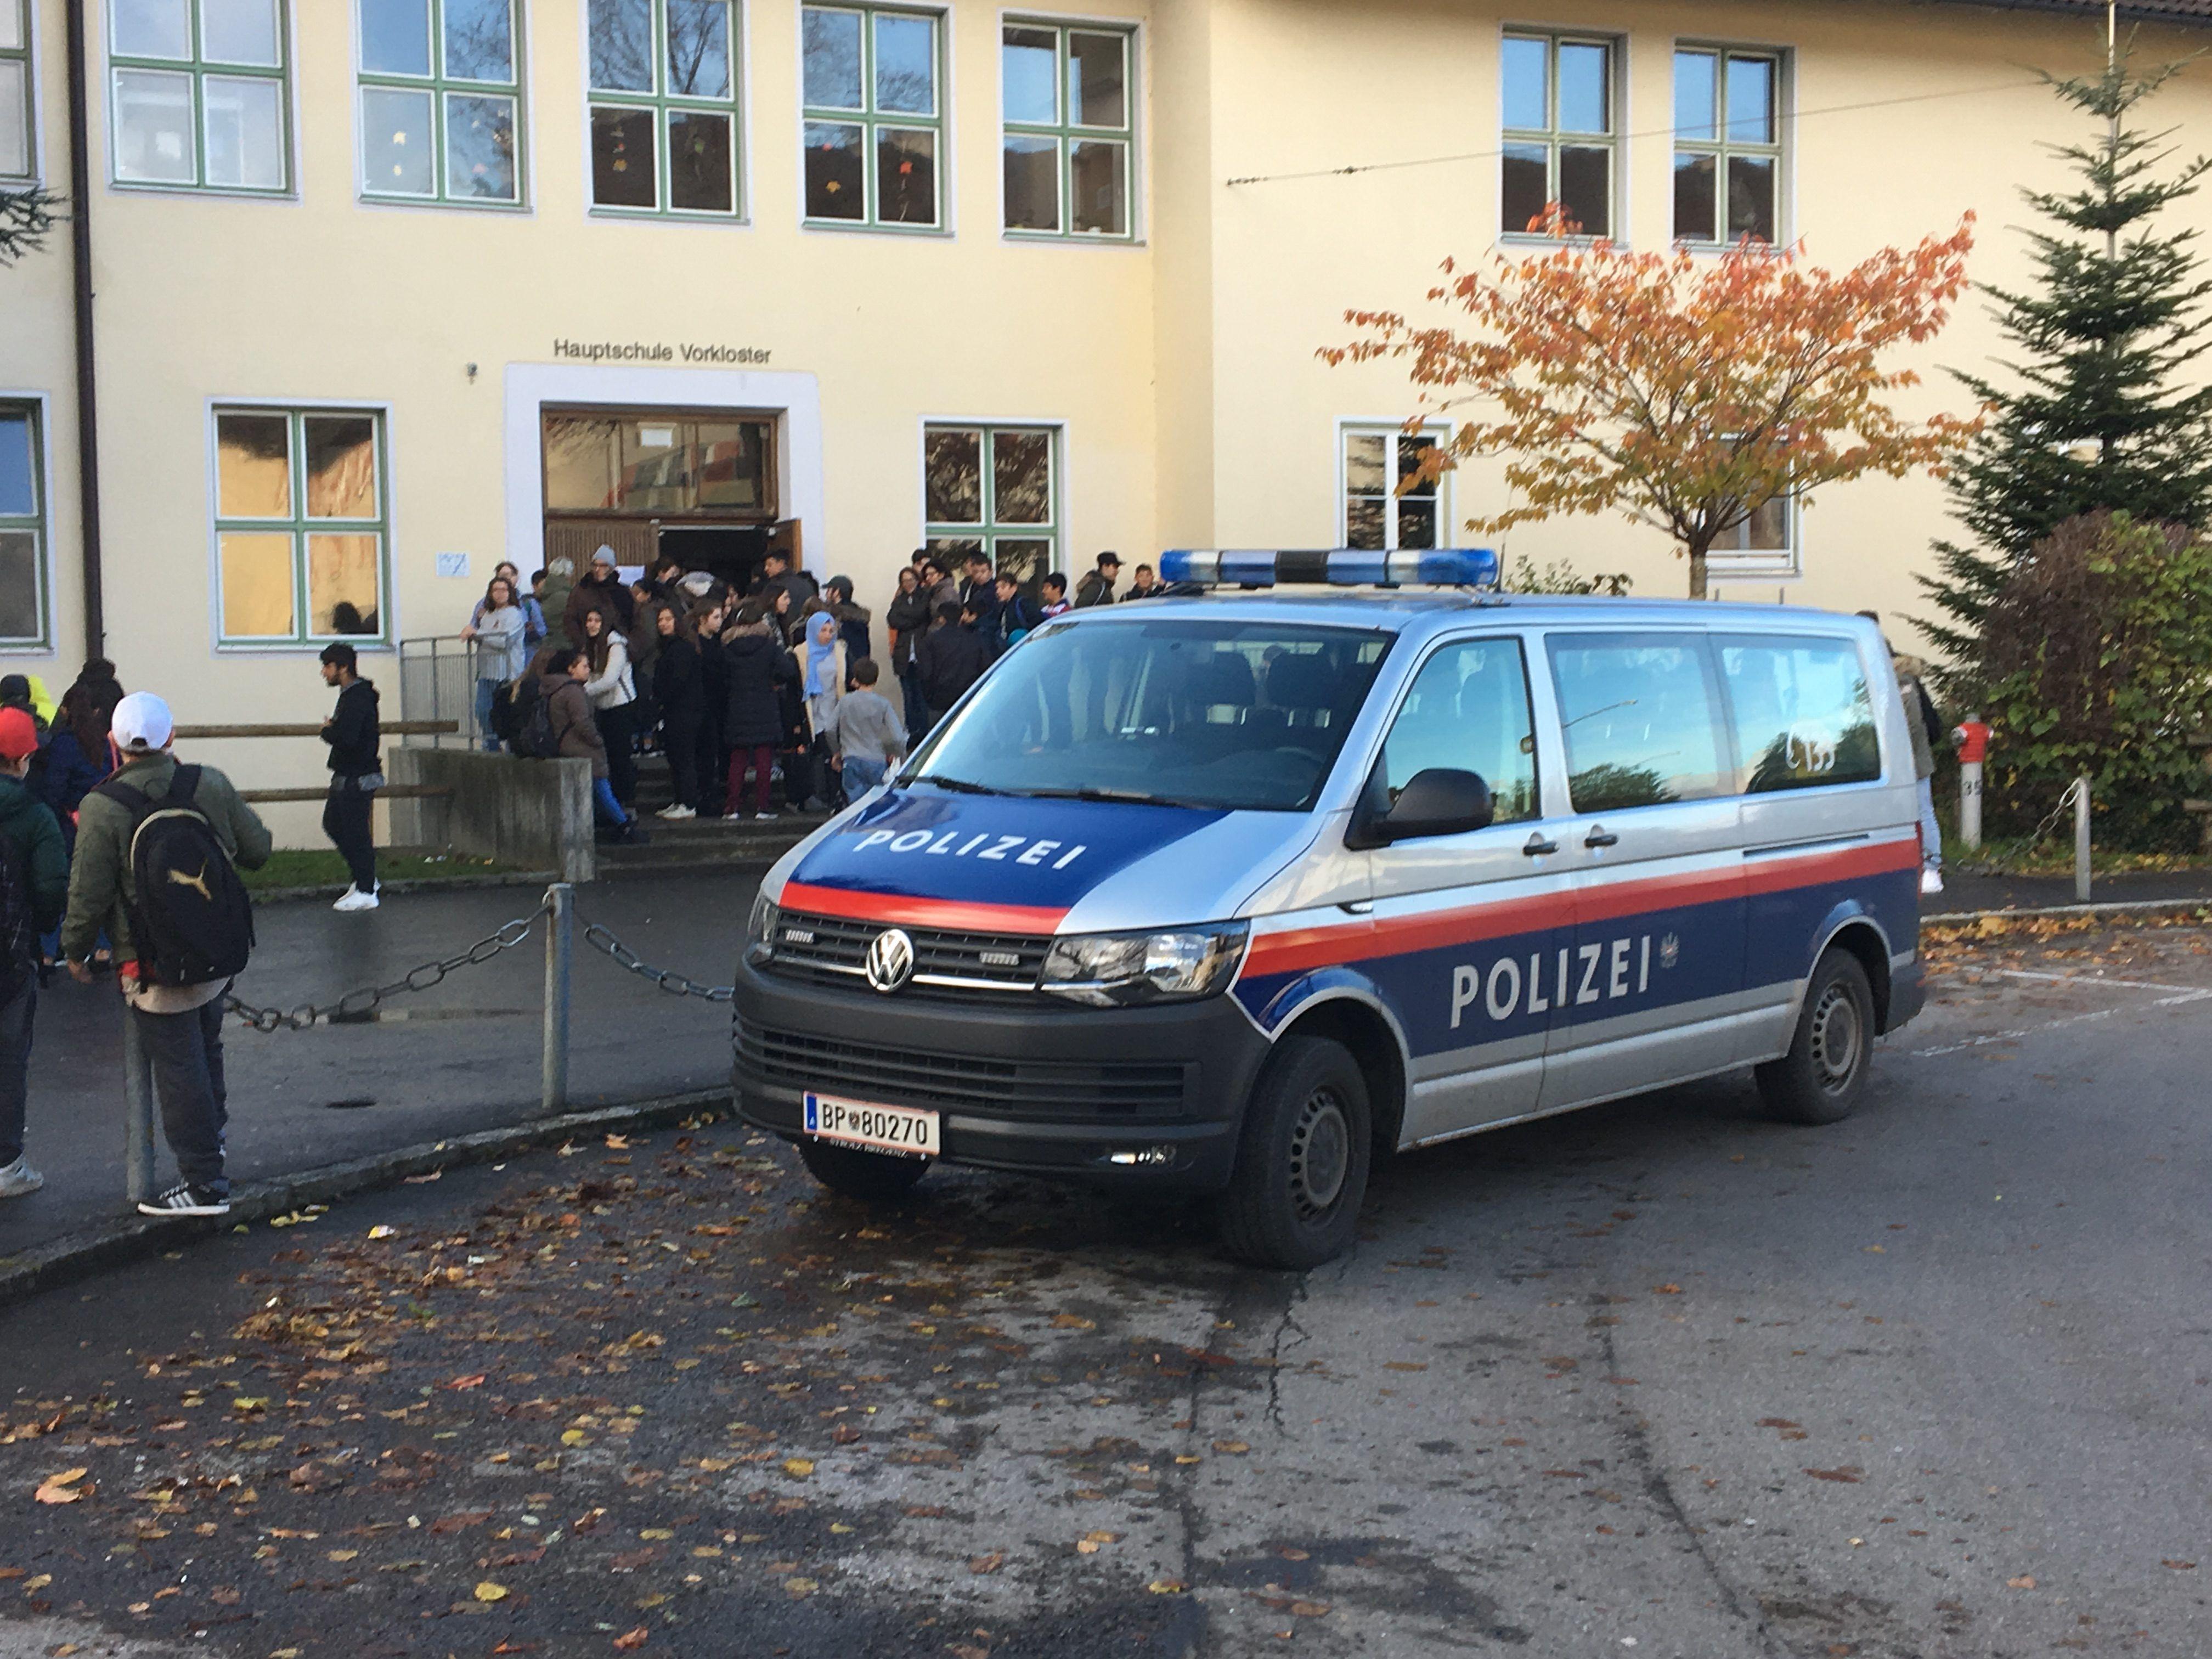 Polizei Bregenz